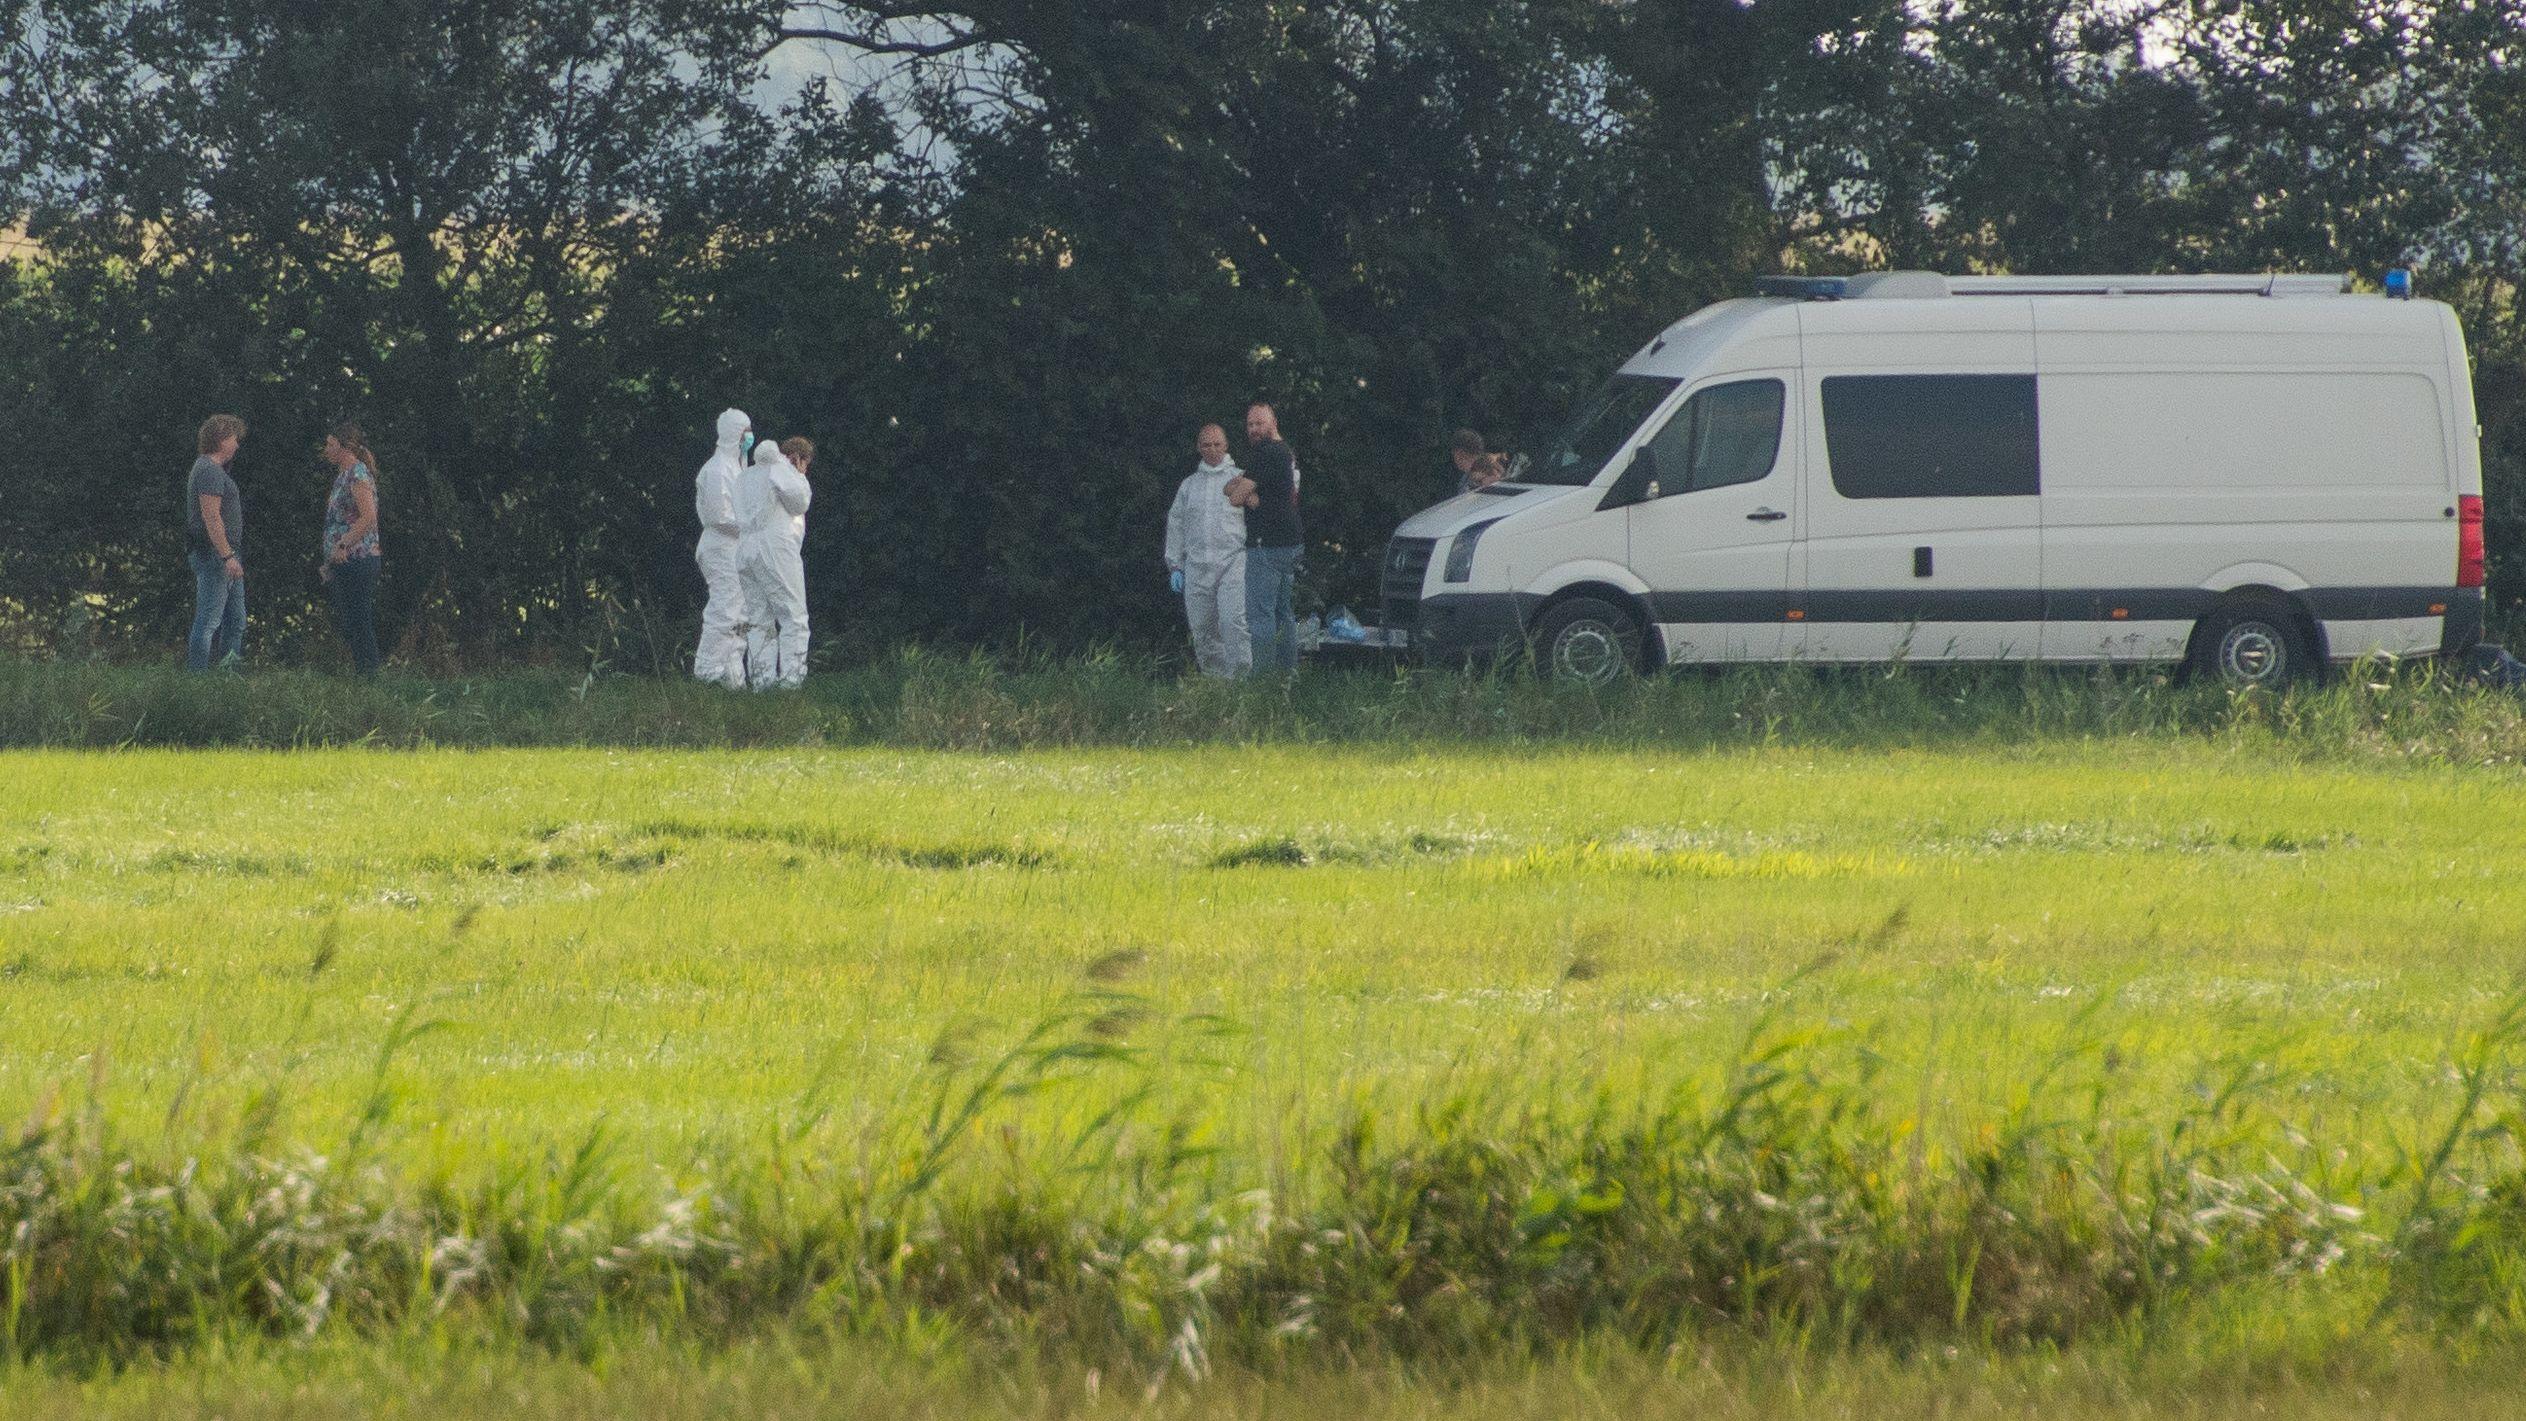 Nordfriesland: Ermittler in weißen Schutzanzügen und weitere Personen bei Polizeieinsatz im Zusammenhang mit der vermissten 23-jährigen Nathalie